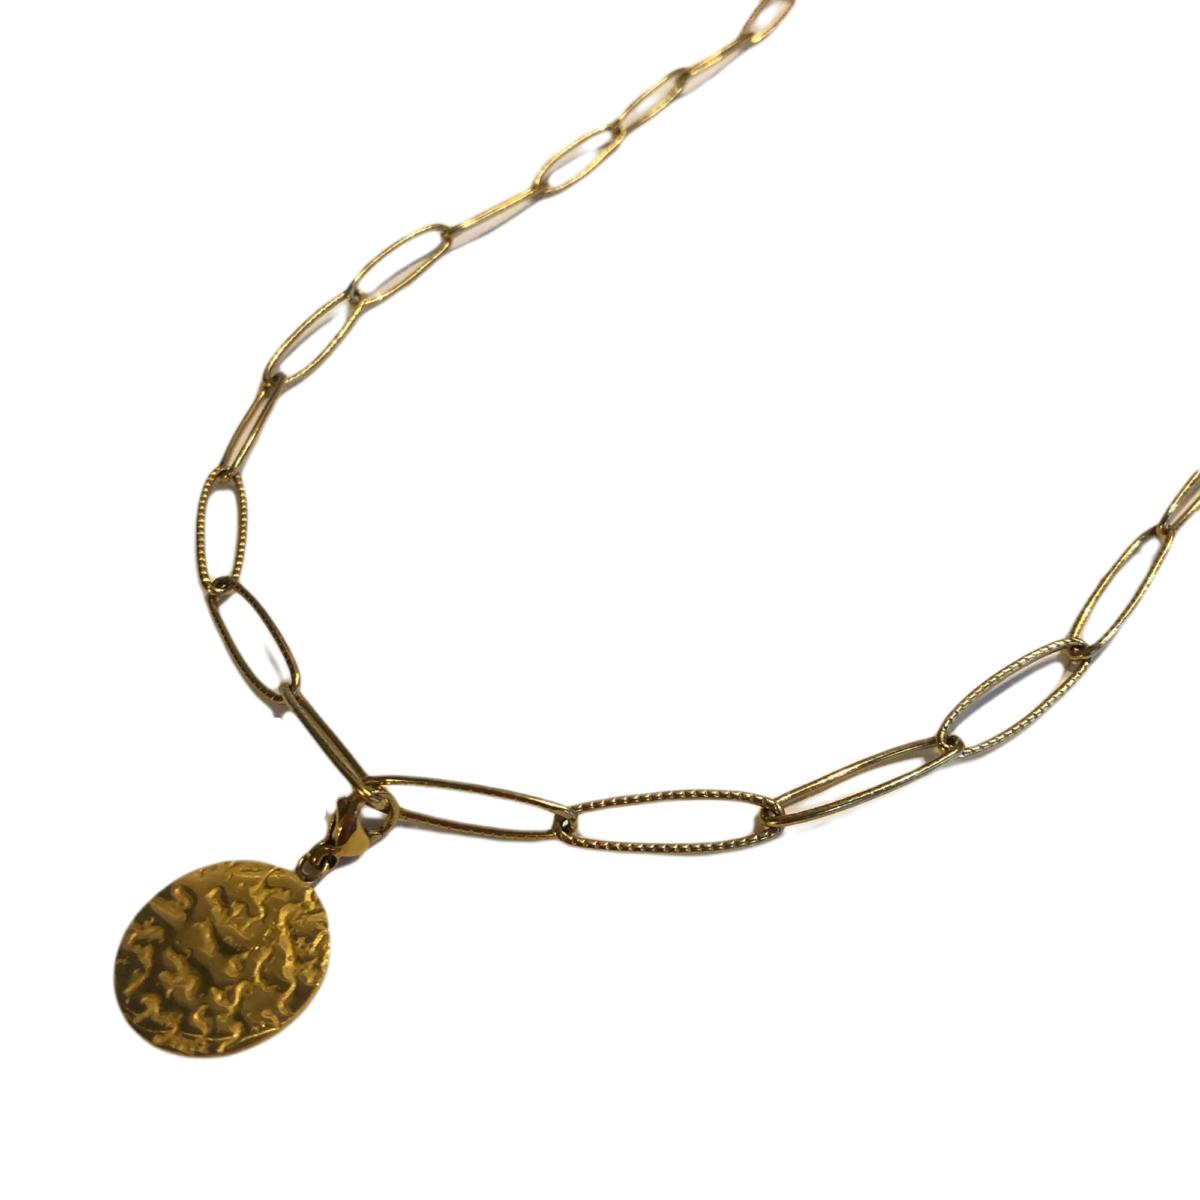 By Destele collier chaîne gros maillon et son pendentif